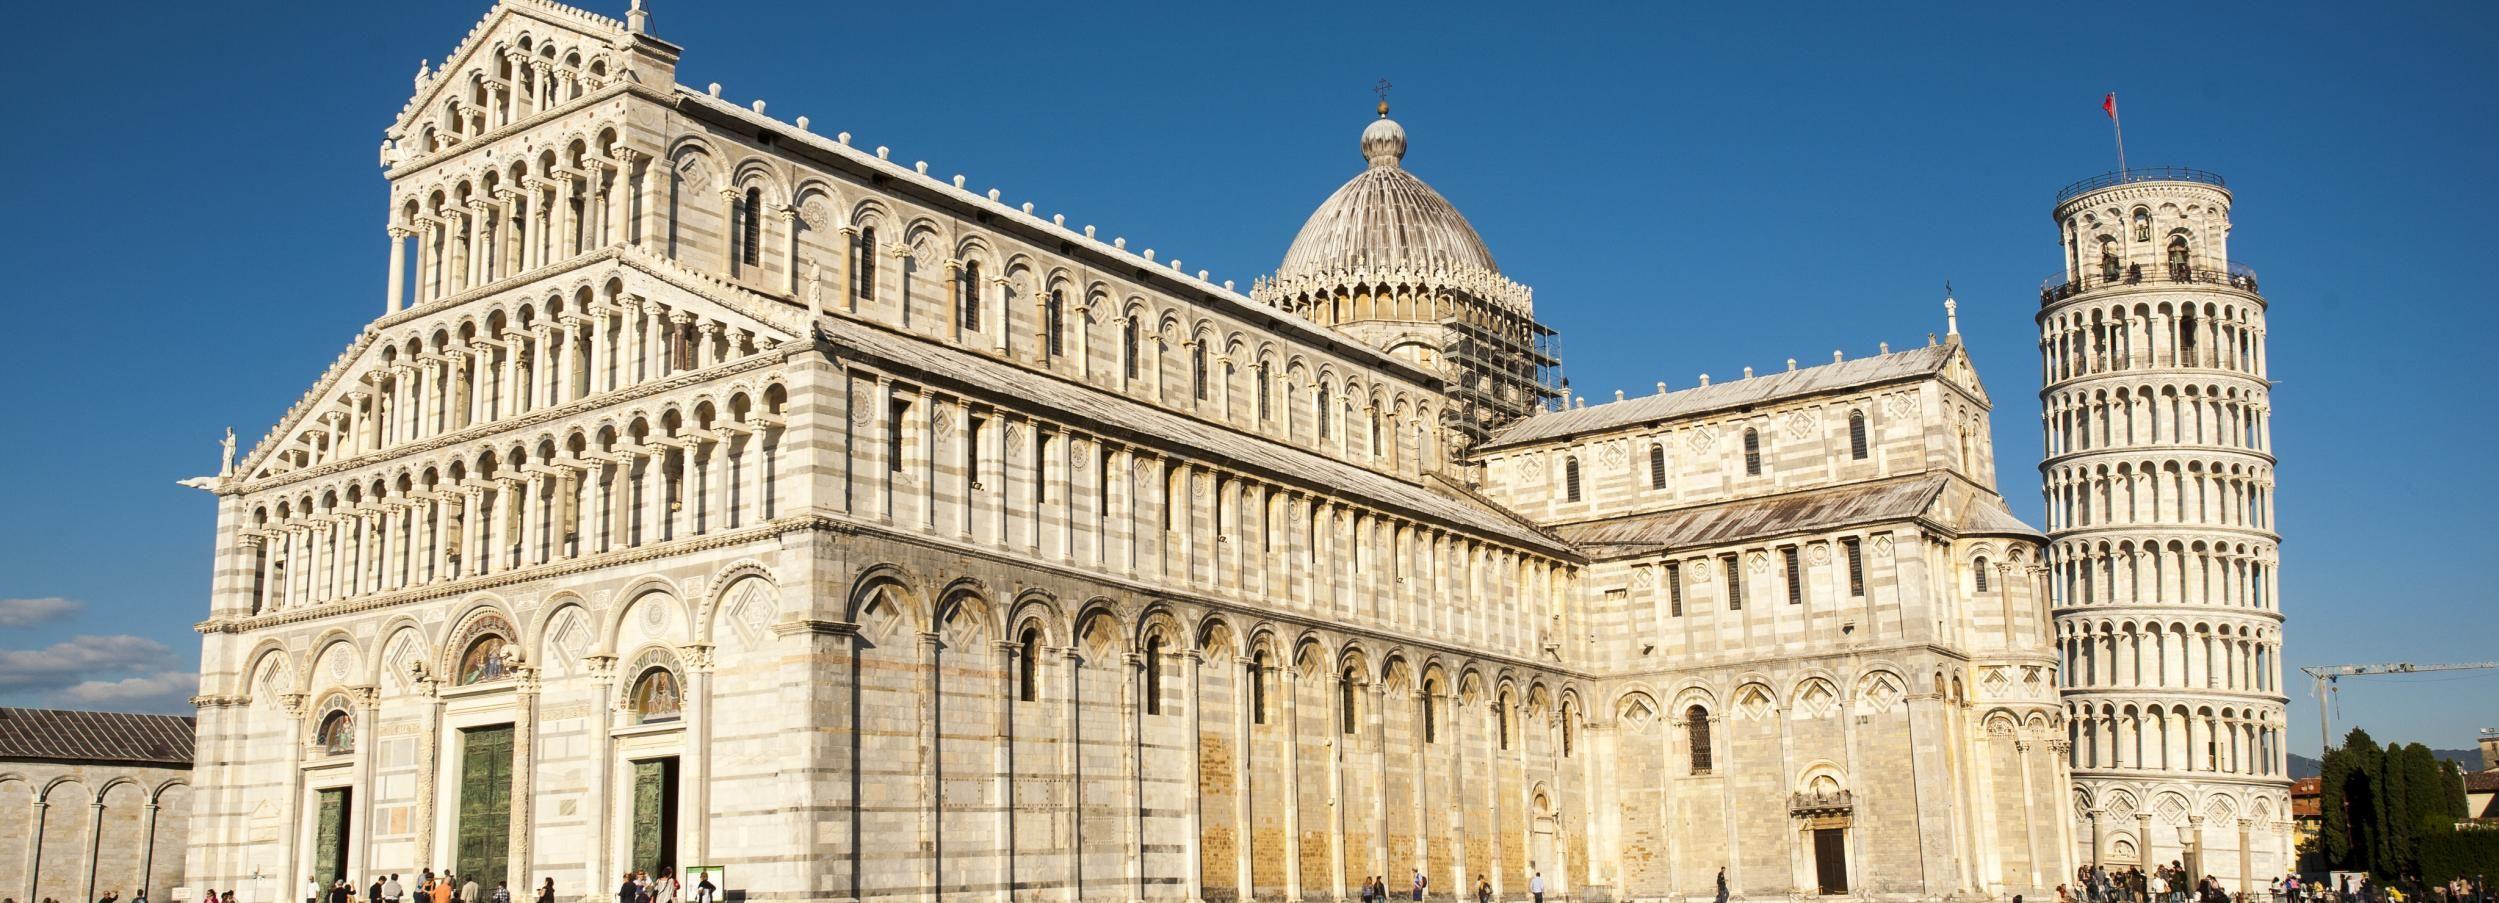 Ab Florenz: Halbtägige Pisa-Tour am Nachmittag